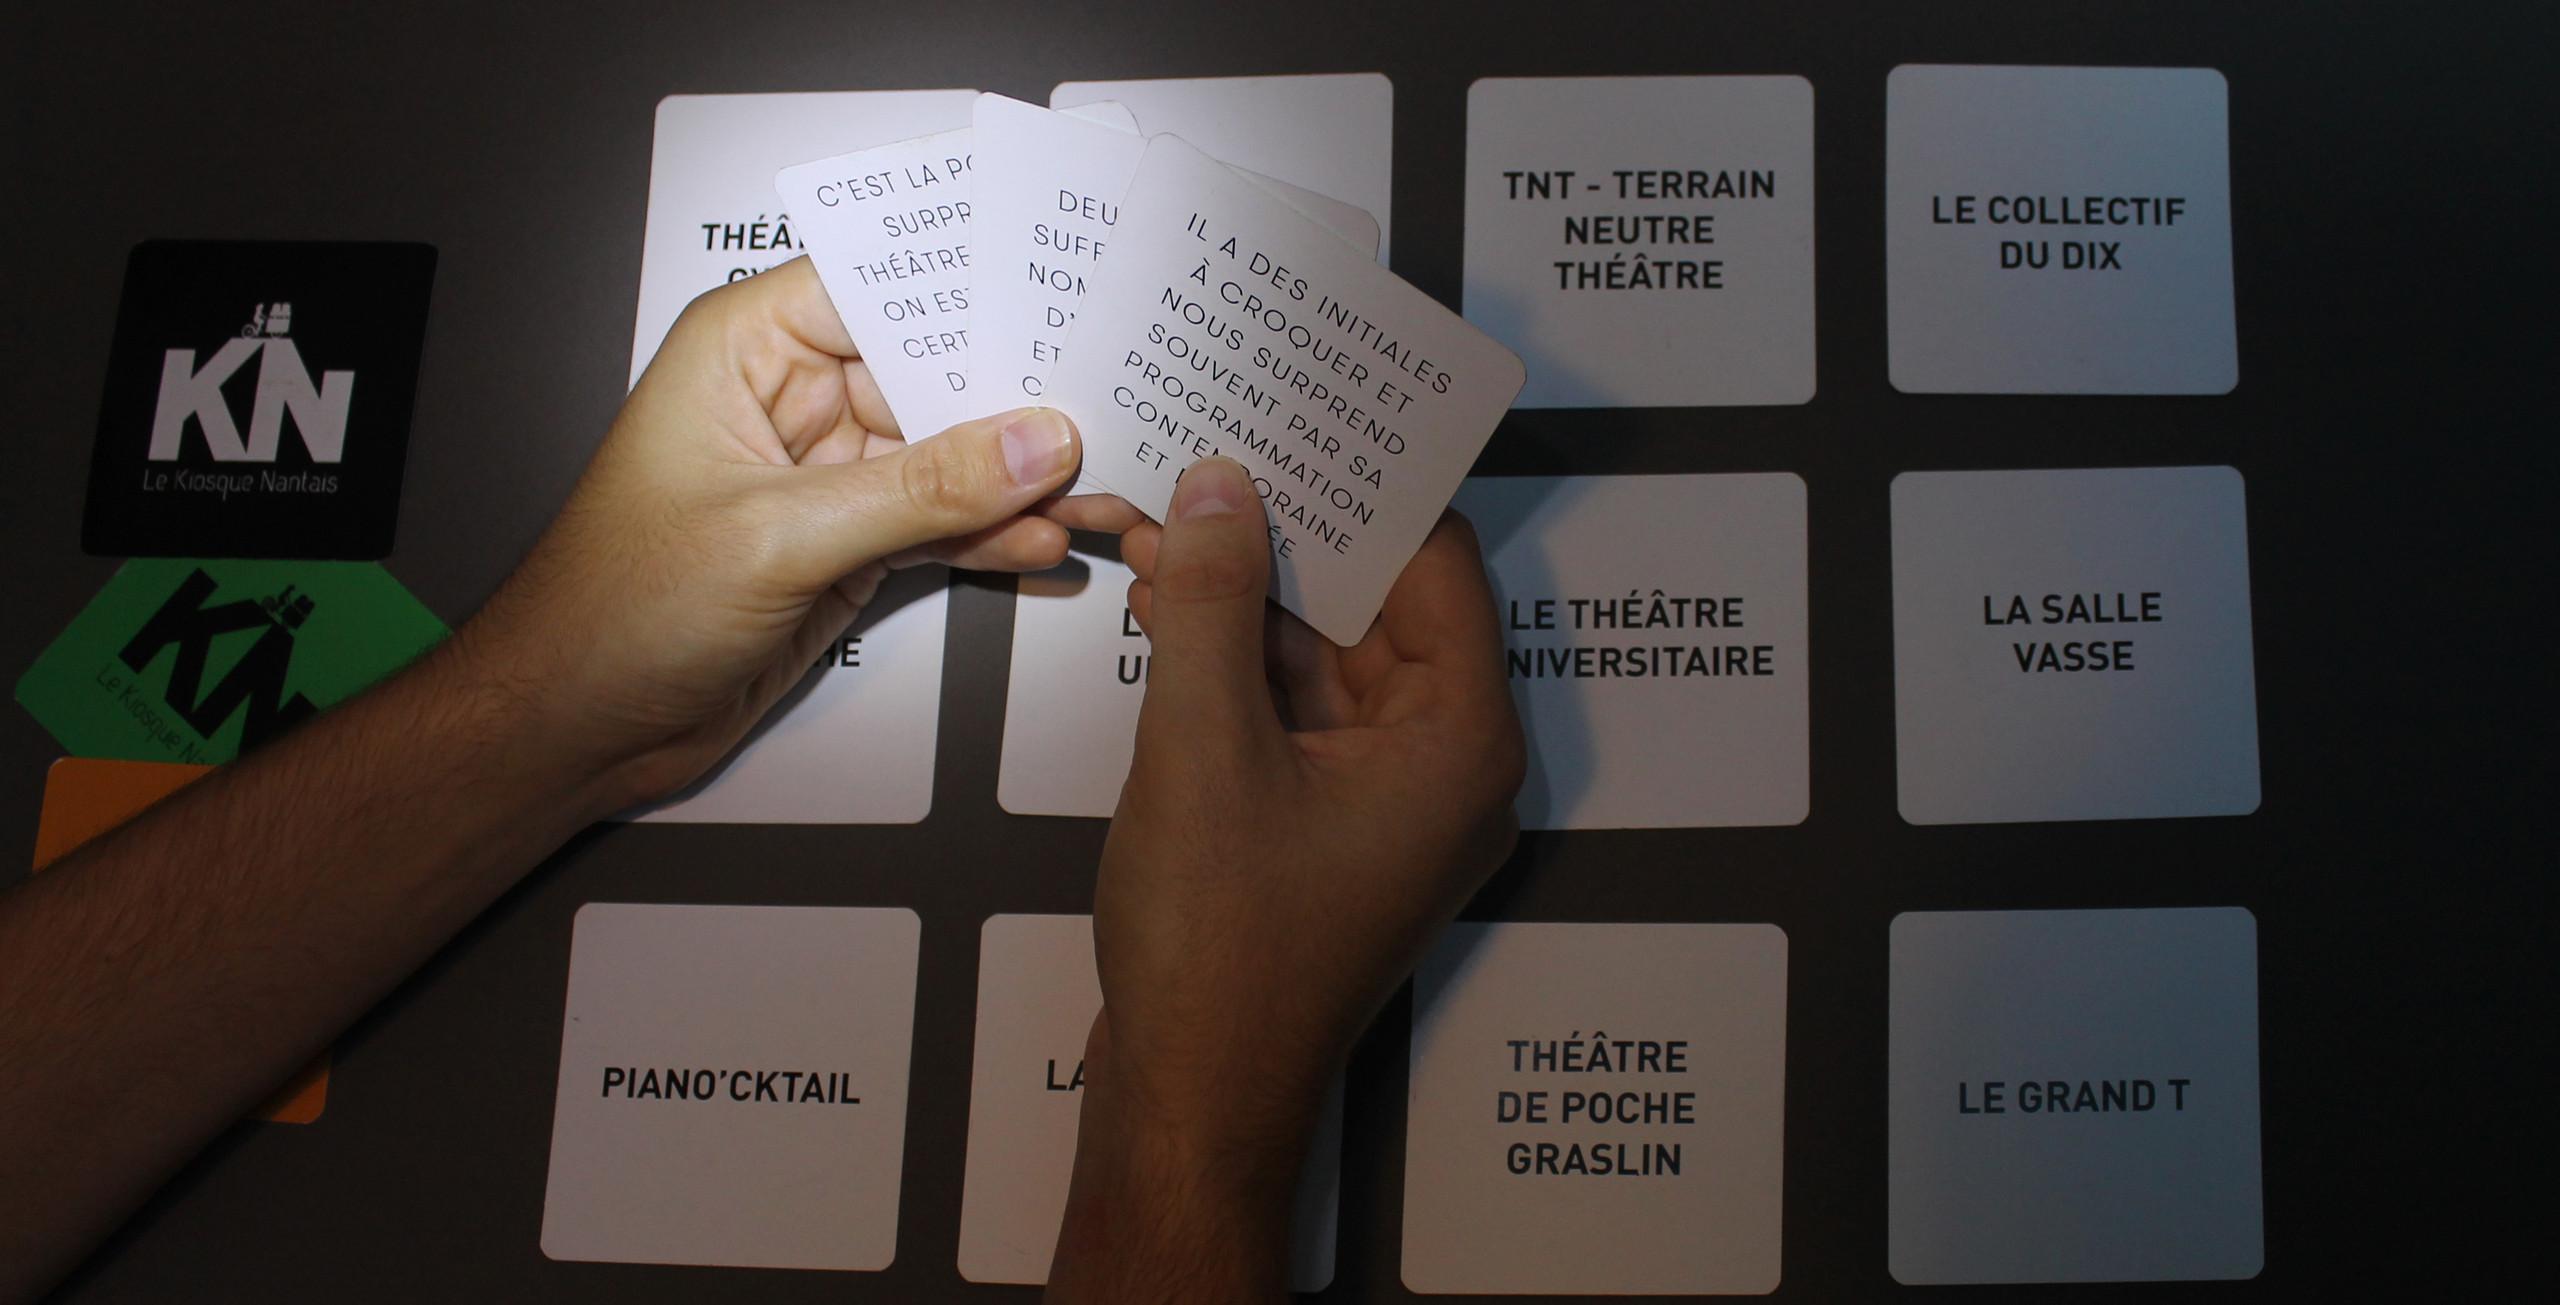 jeu de carte qui est ce kiosque nantais